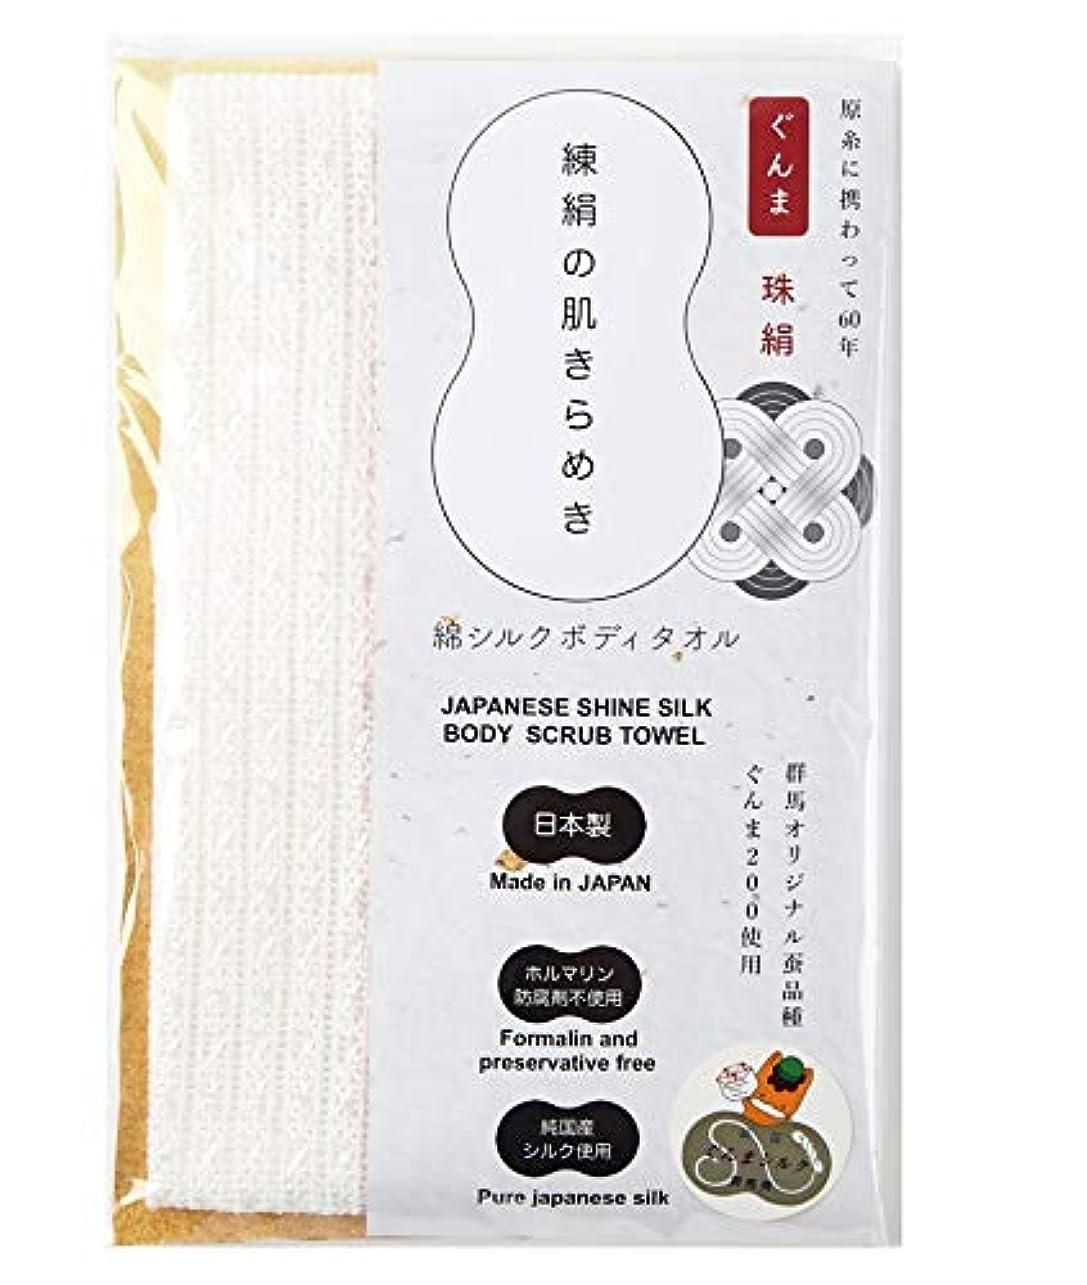 ワゴン怖がらせるアドバンテージくーる&ほっと 珠絹(たまぎぬ) 練絹の肌きらめき 純国産絹(ぐんまシルク)使用 日本製 綿シルクボディタオル